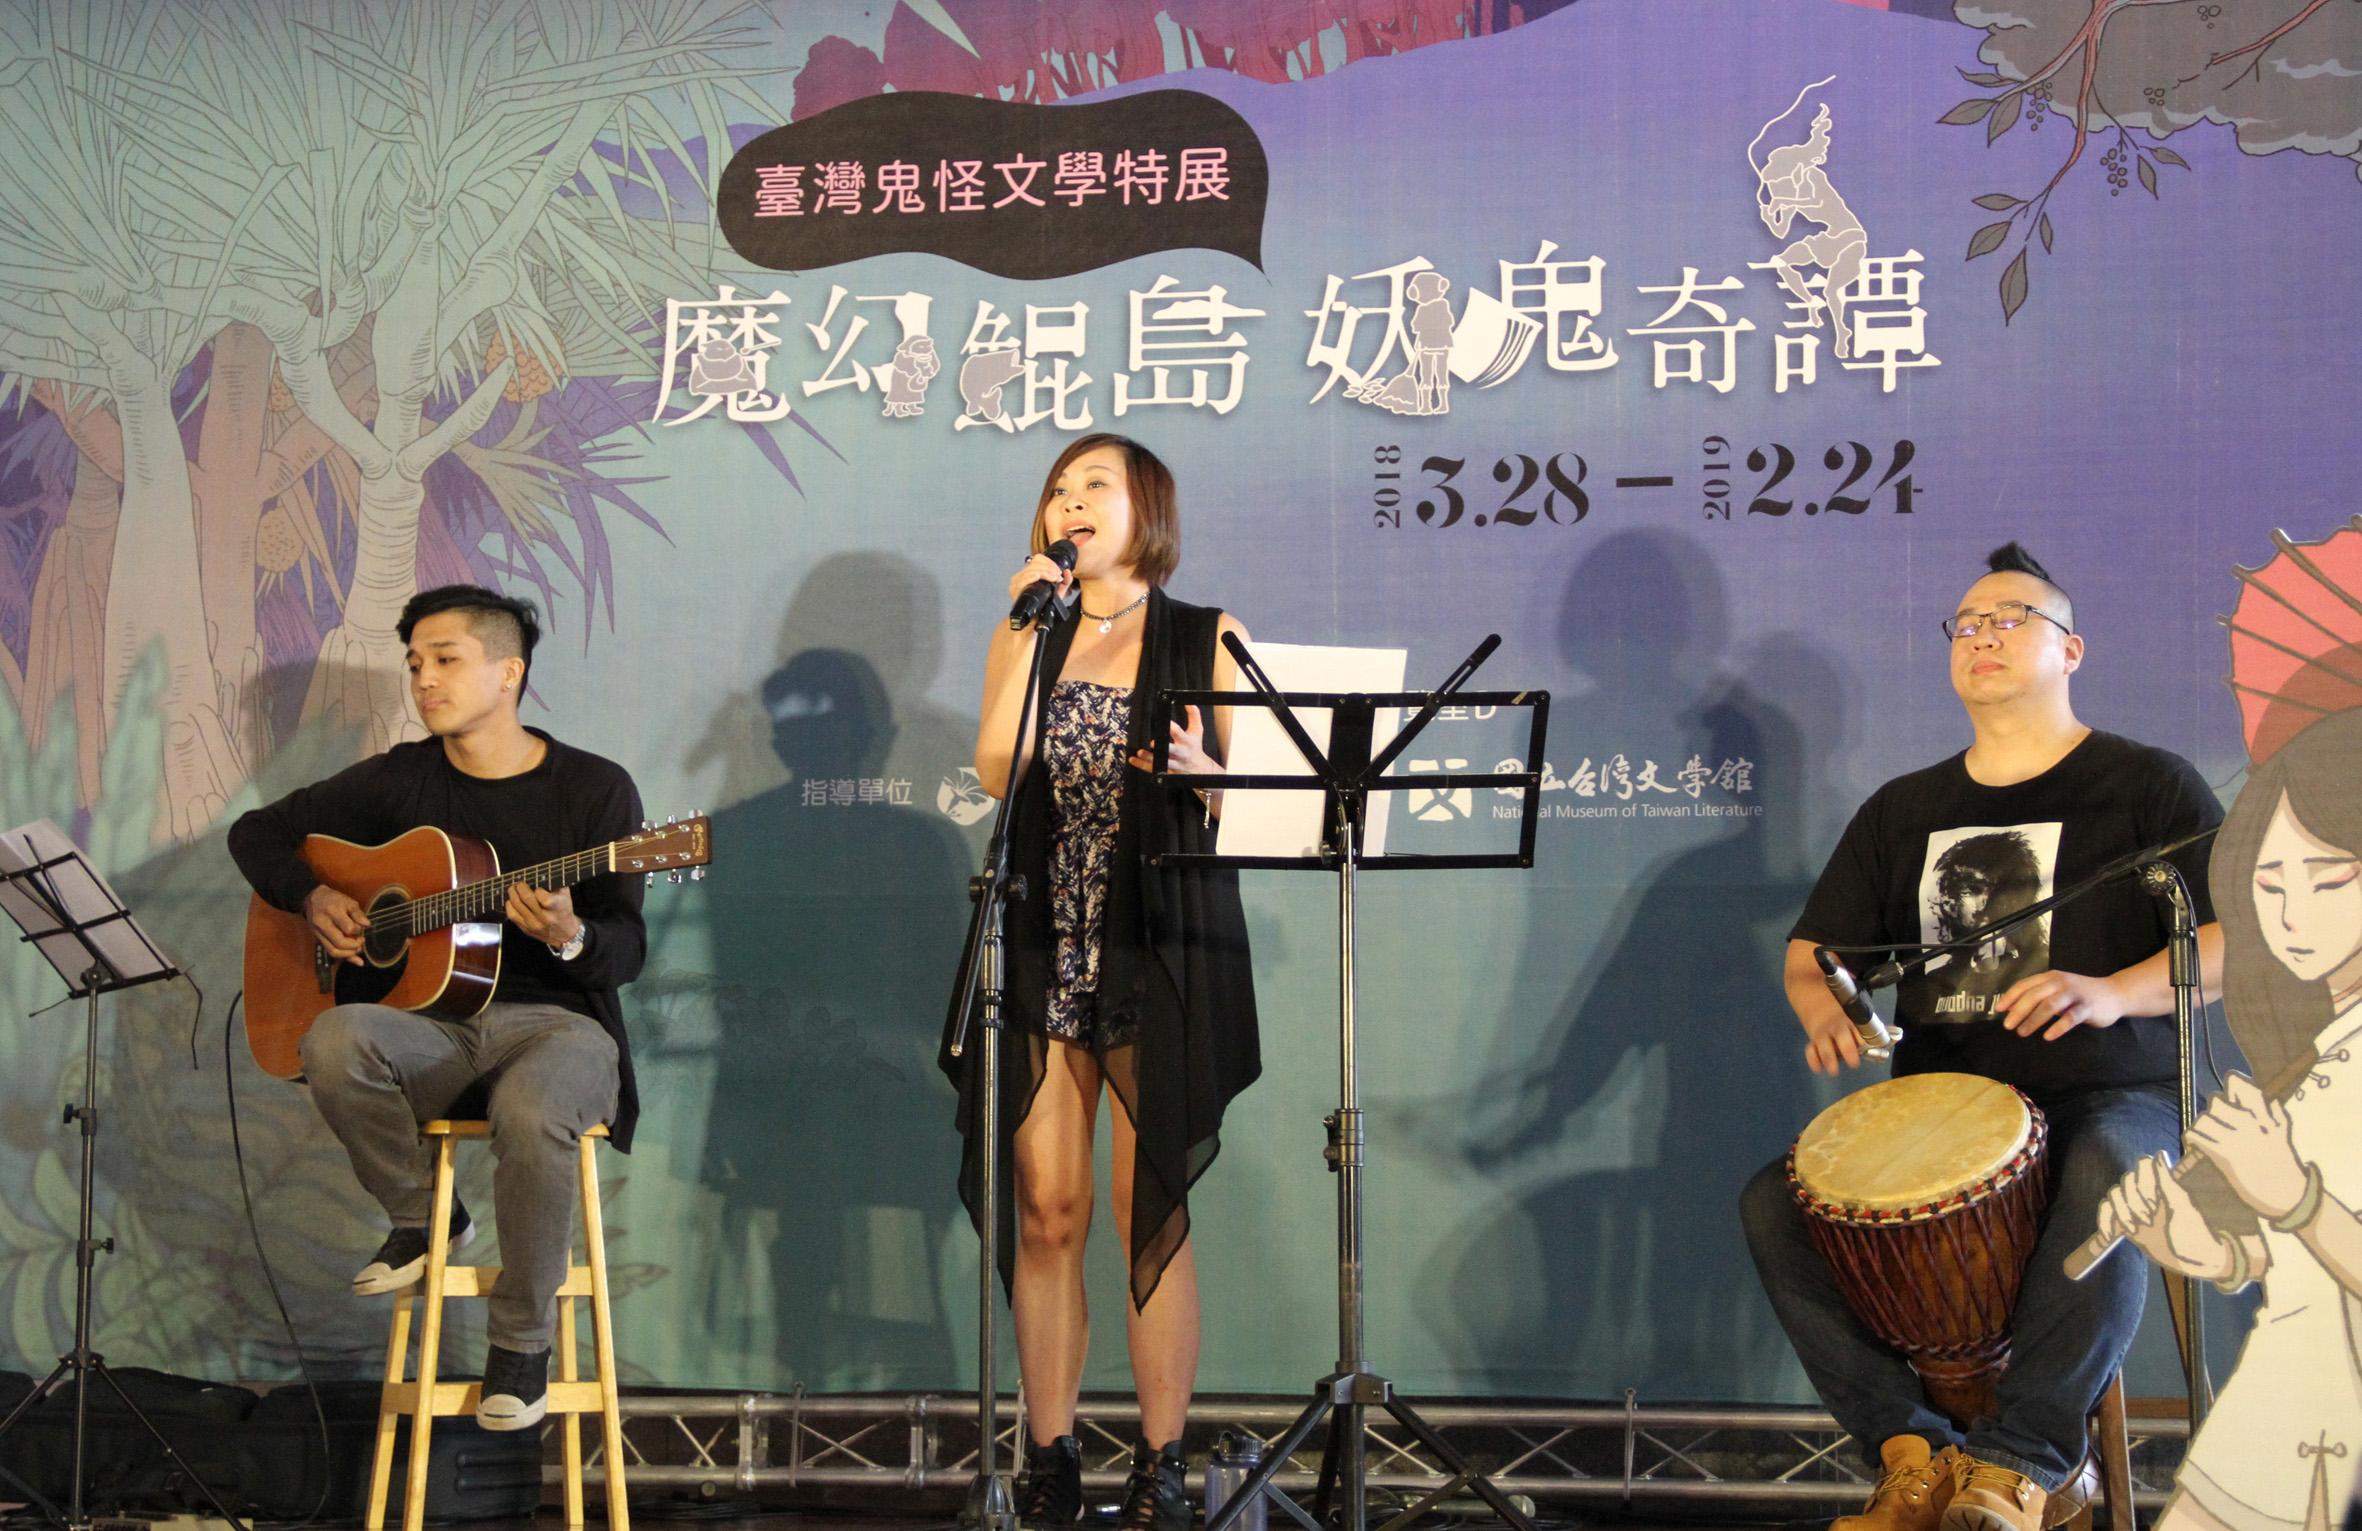 歌手羅香菱(中)與翁光煒(左)、吳政君(右)兩位樂手共同演出.jpg